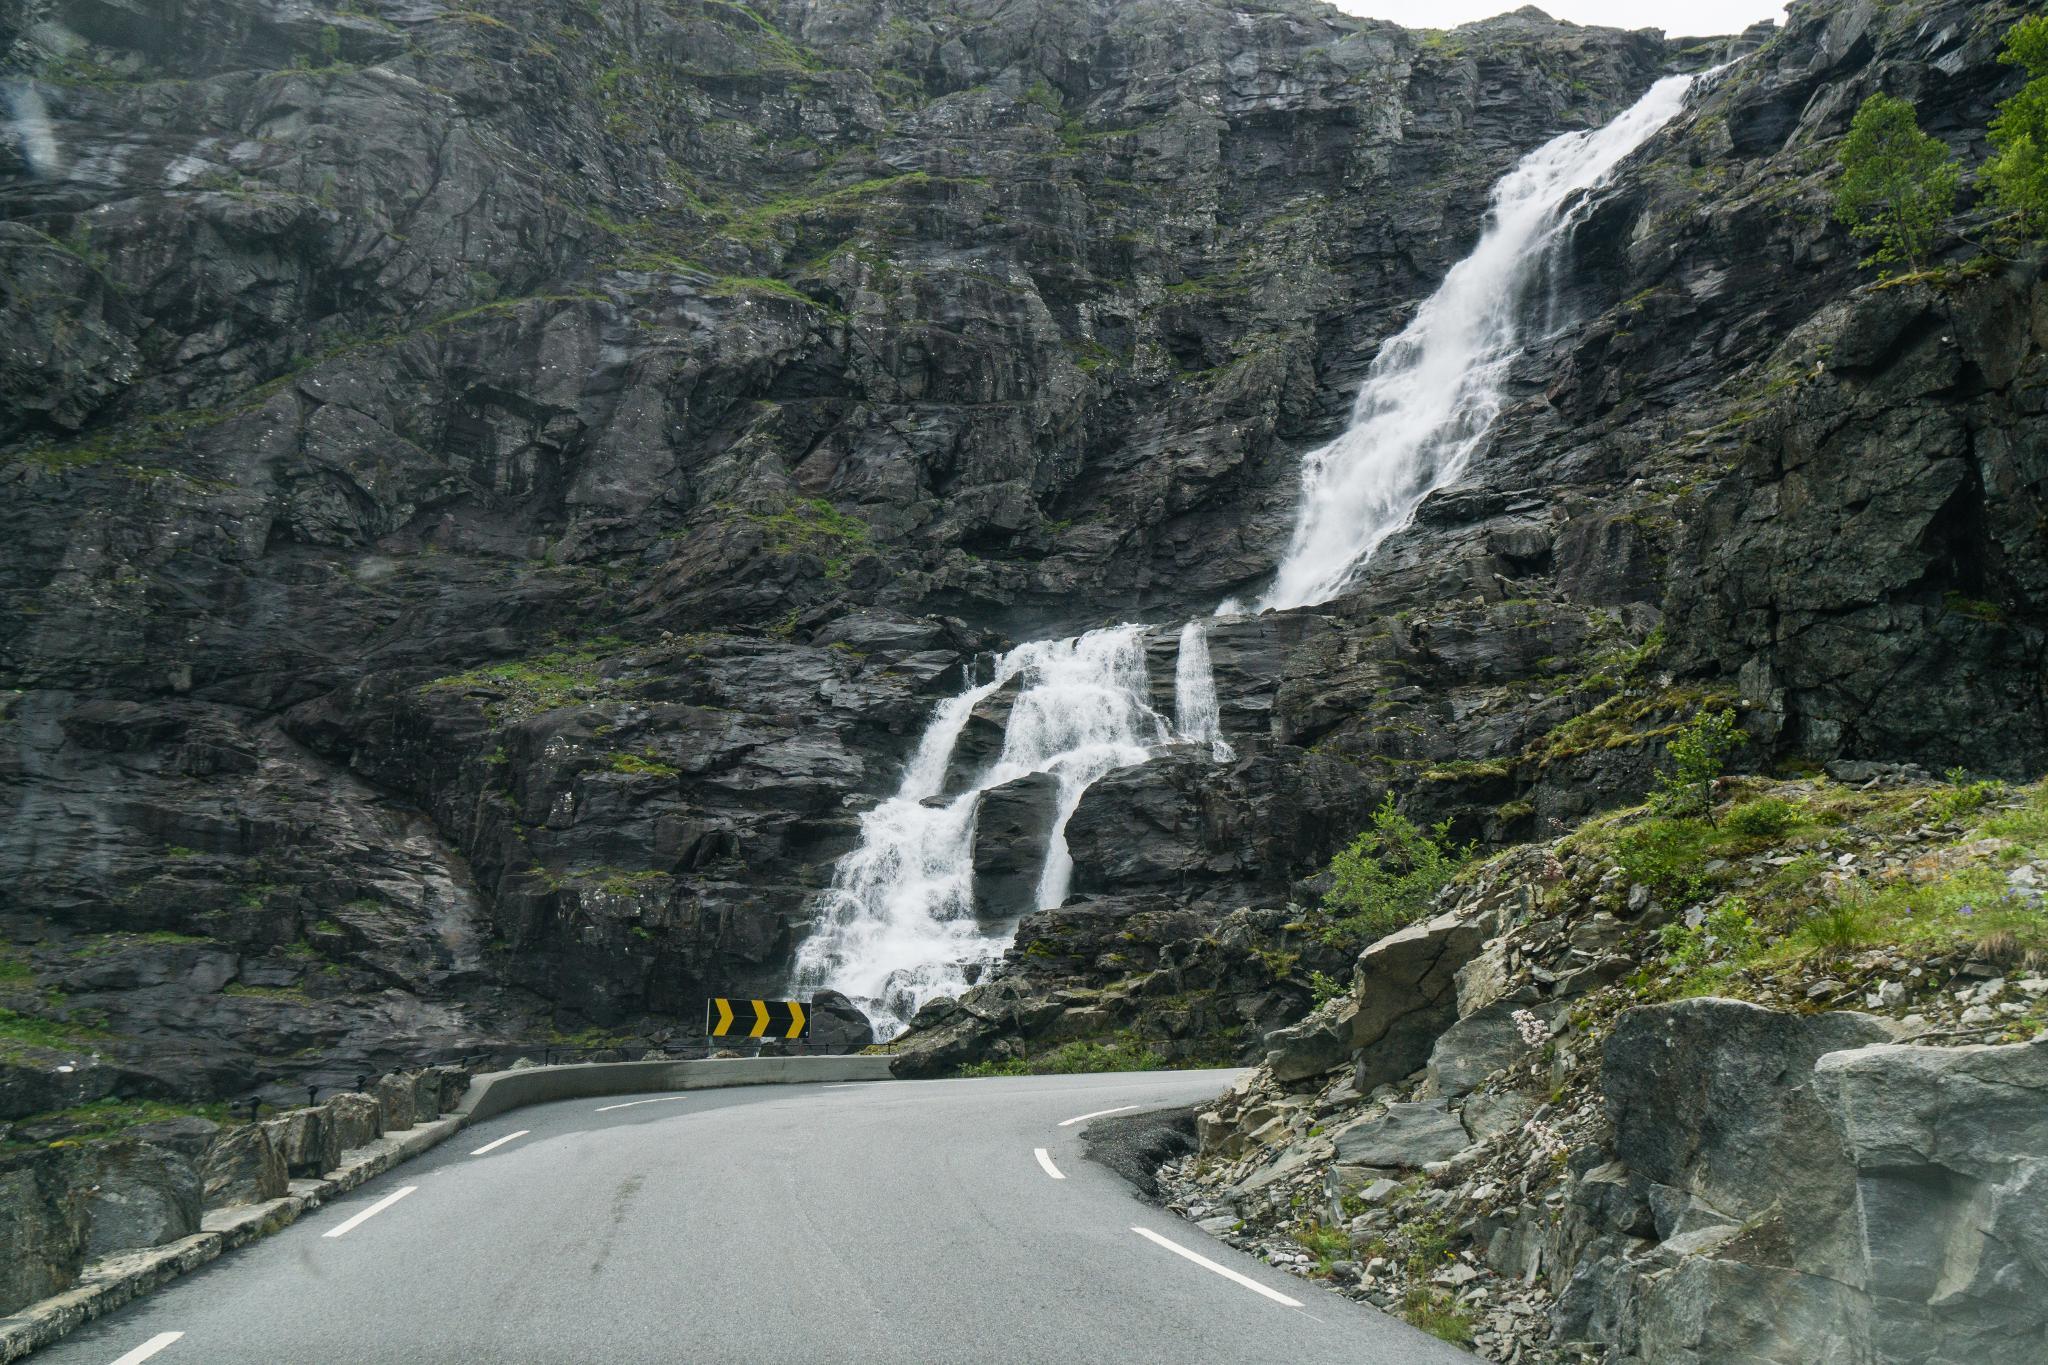 【北歐景點】Trollstigen 精靈之路 ∣ 挪威最驚險的世界級景觀公路 6